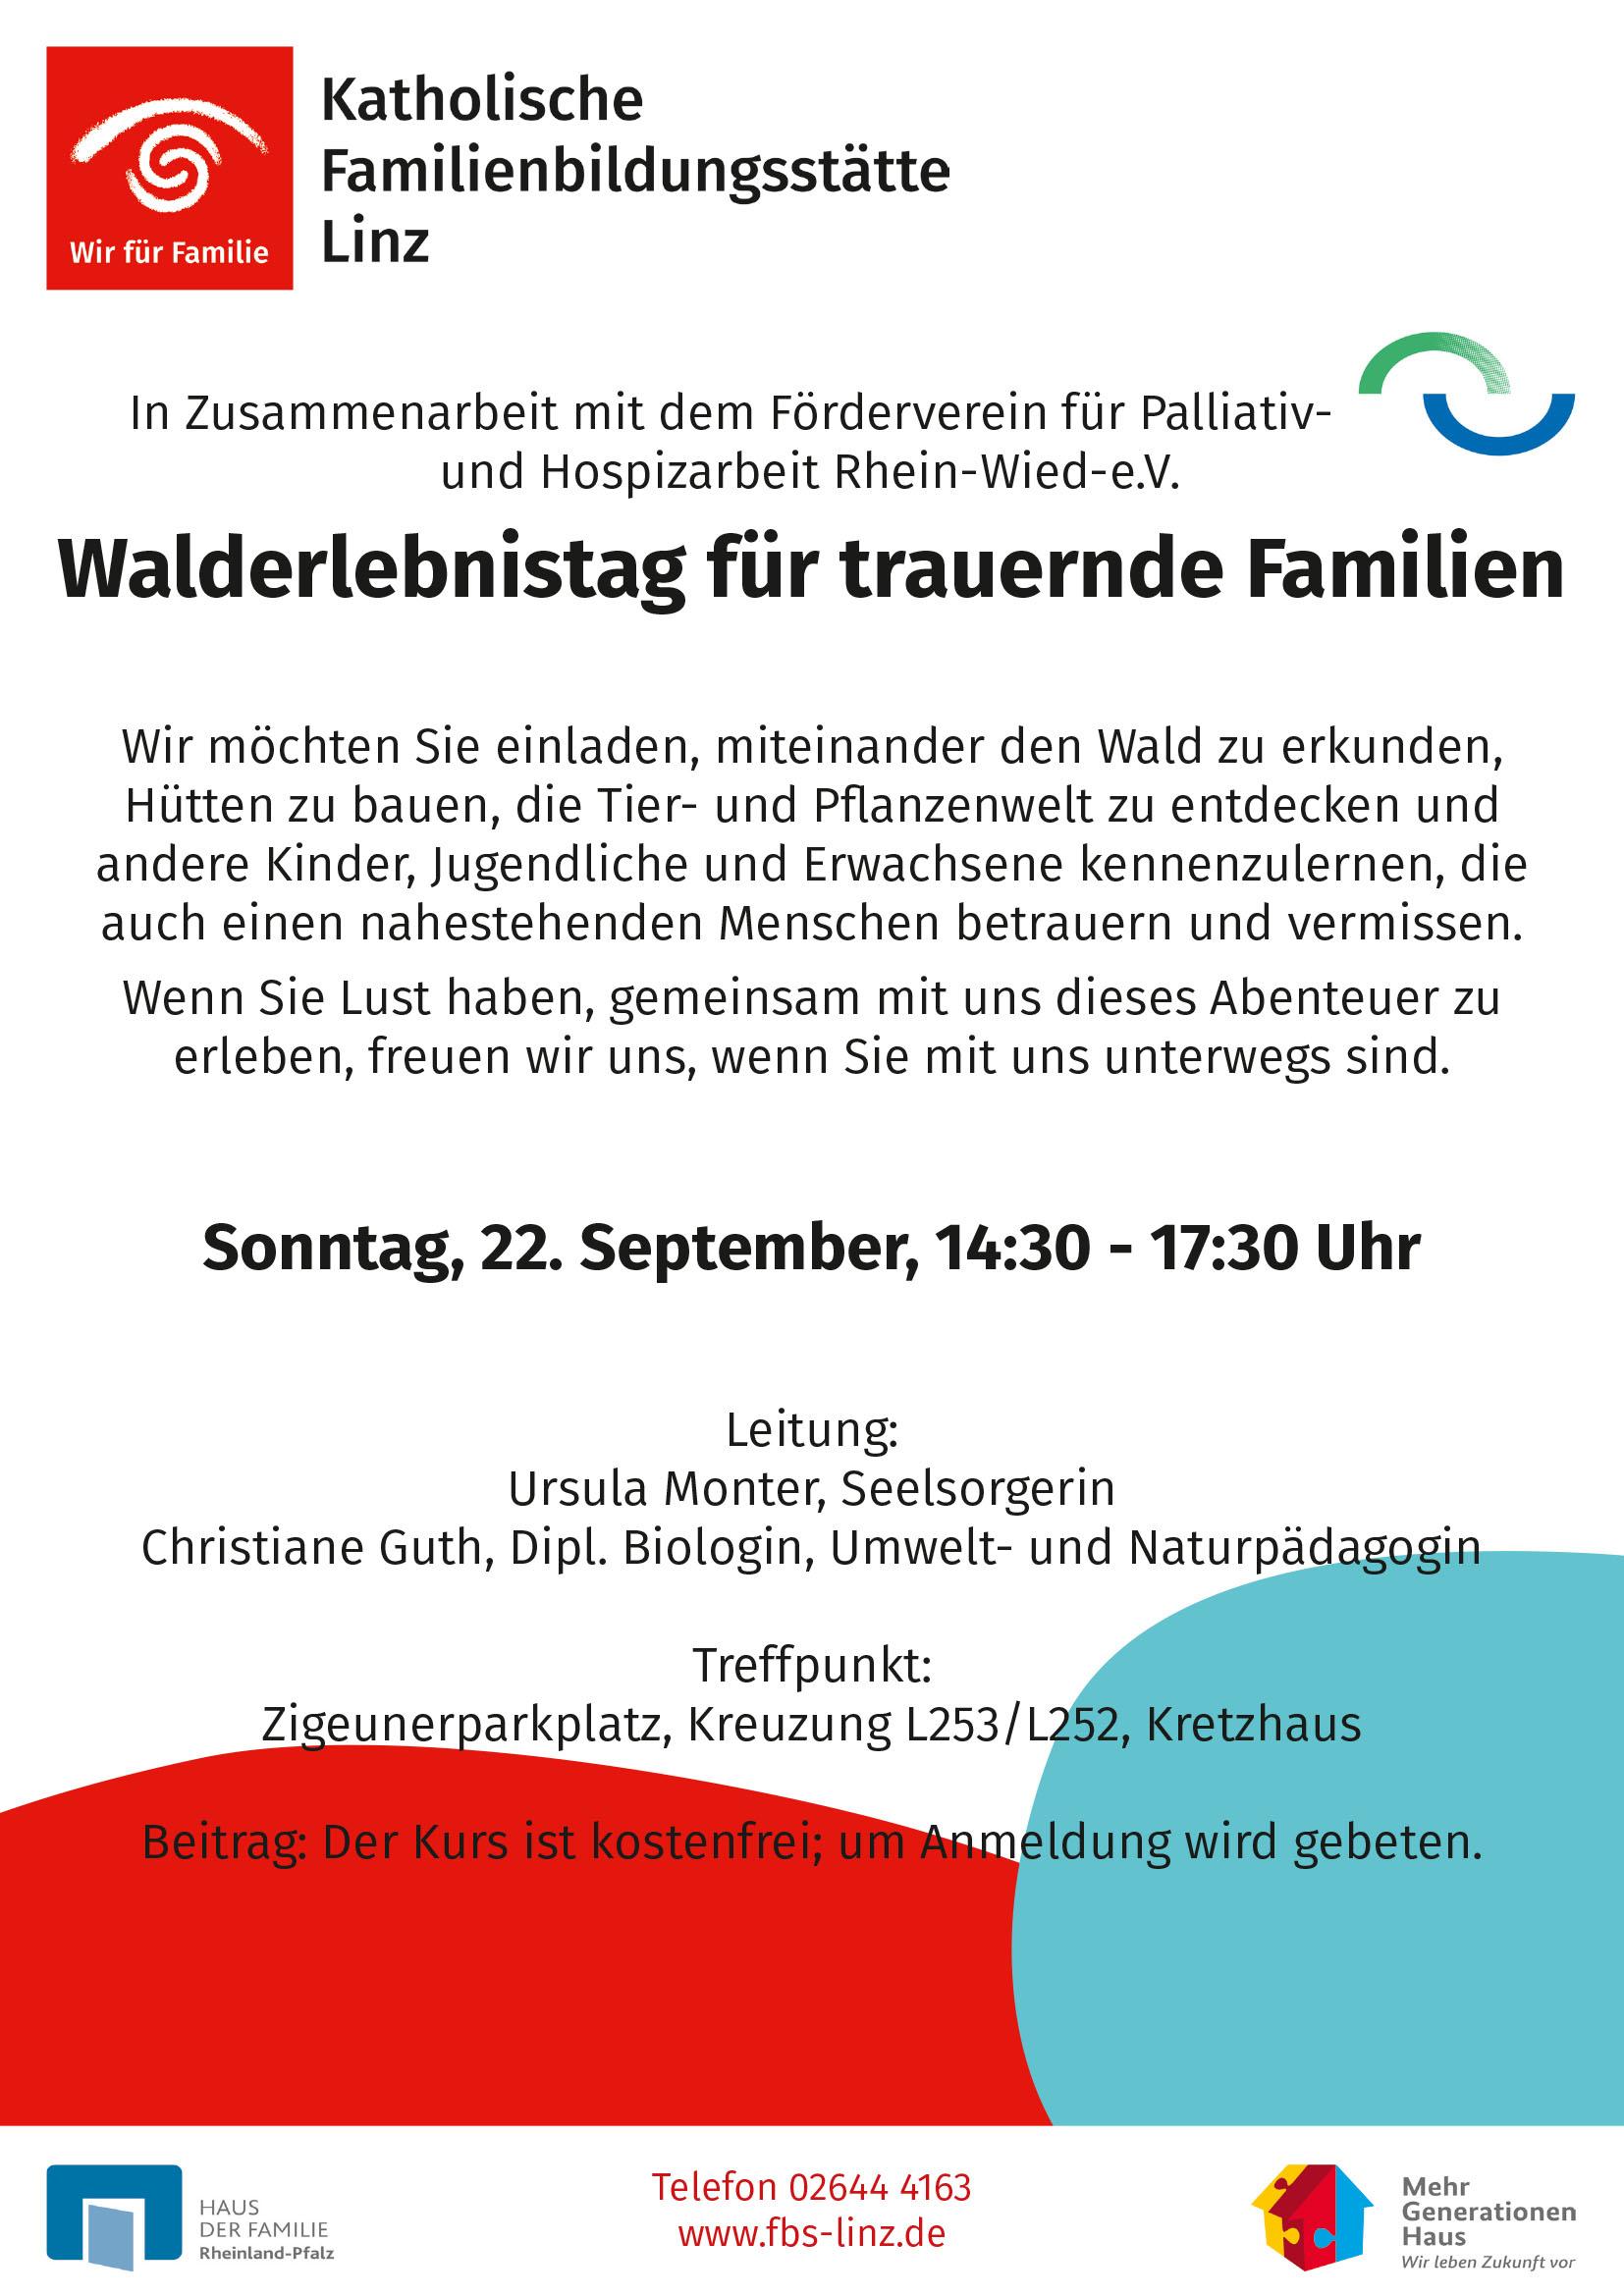 Walderlebnistag Linz am Rhein